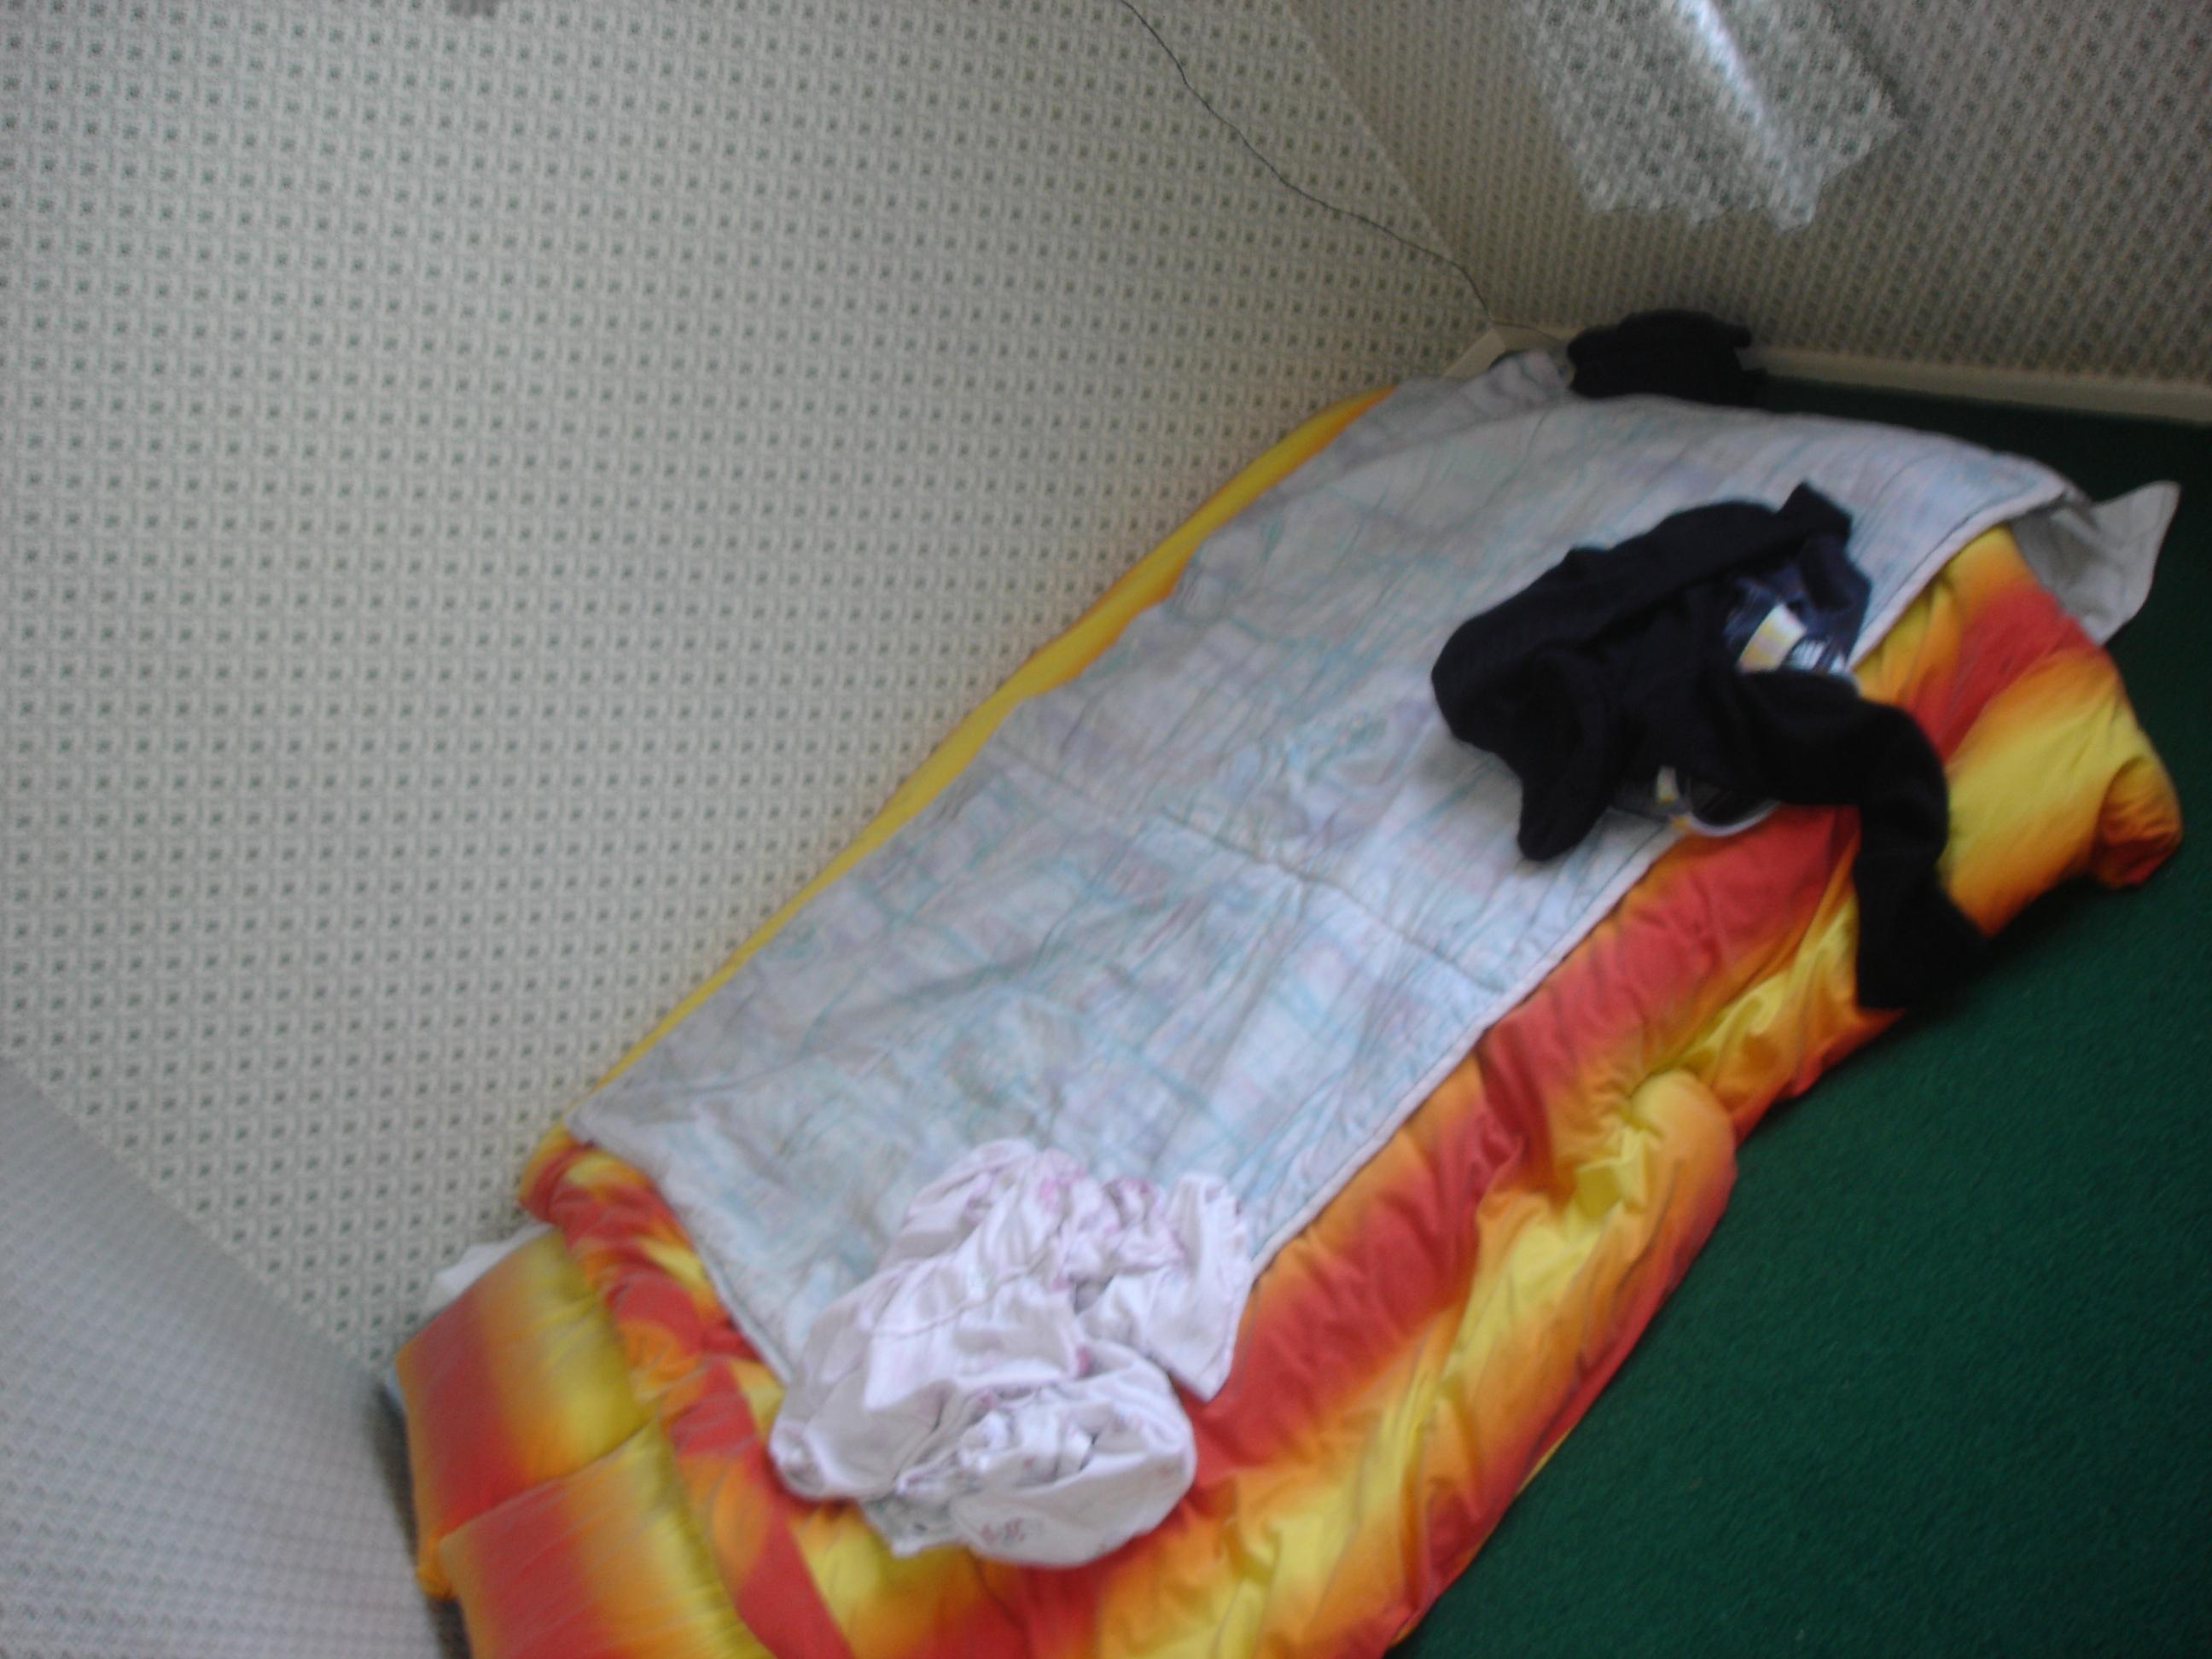 Babykamer Gordijnen Groens : Van rommelkamer naar babykamer voordemakers